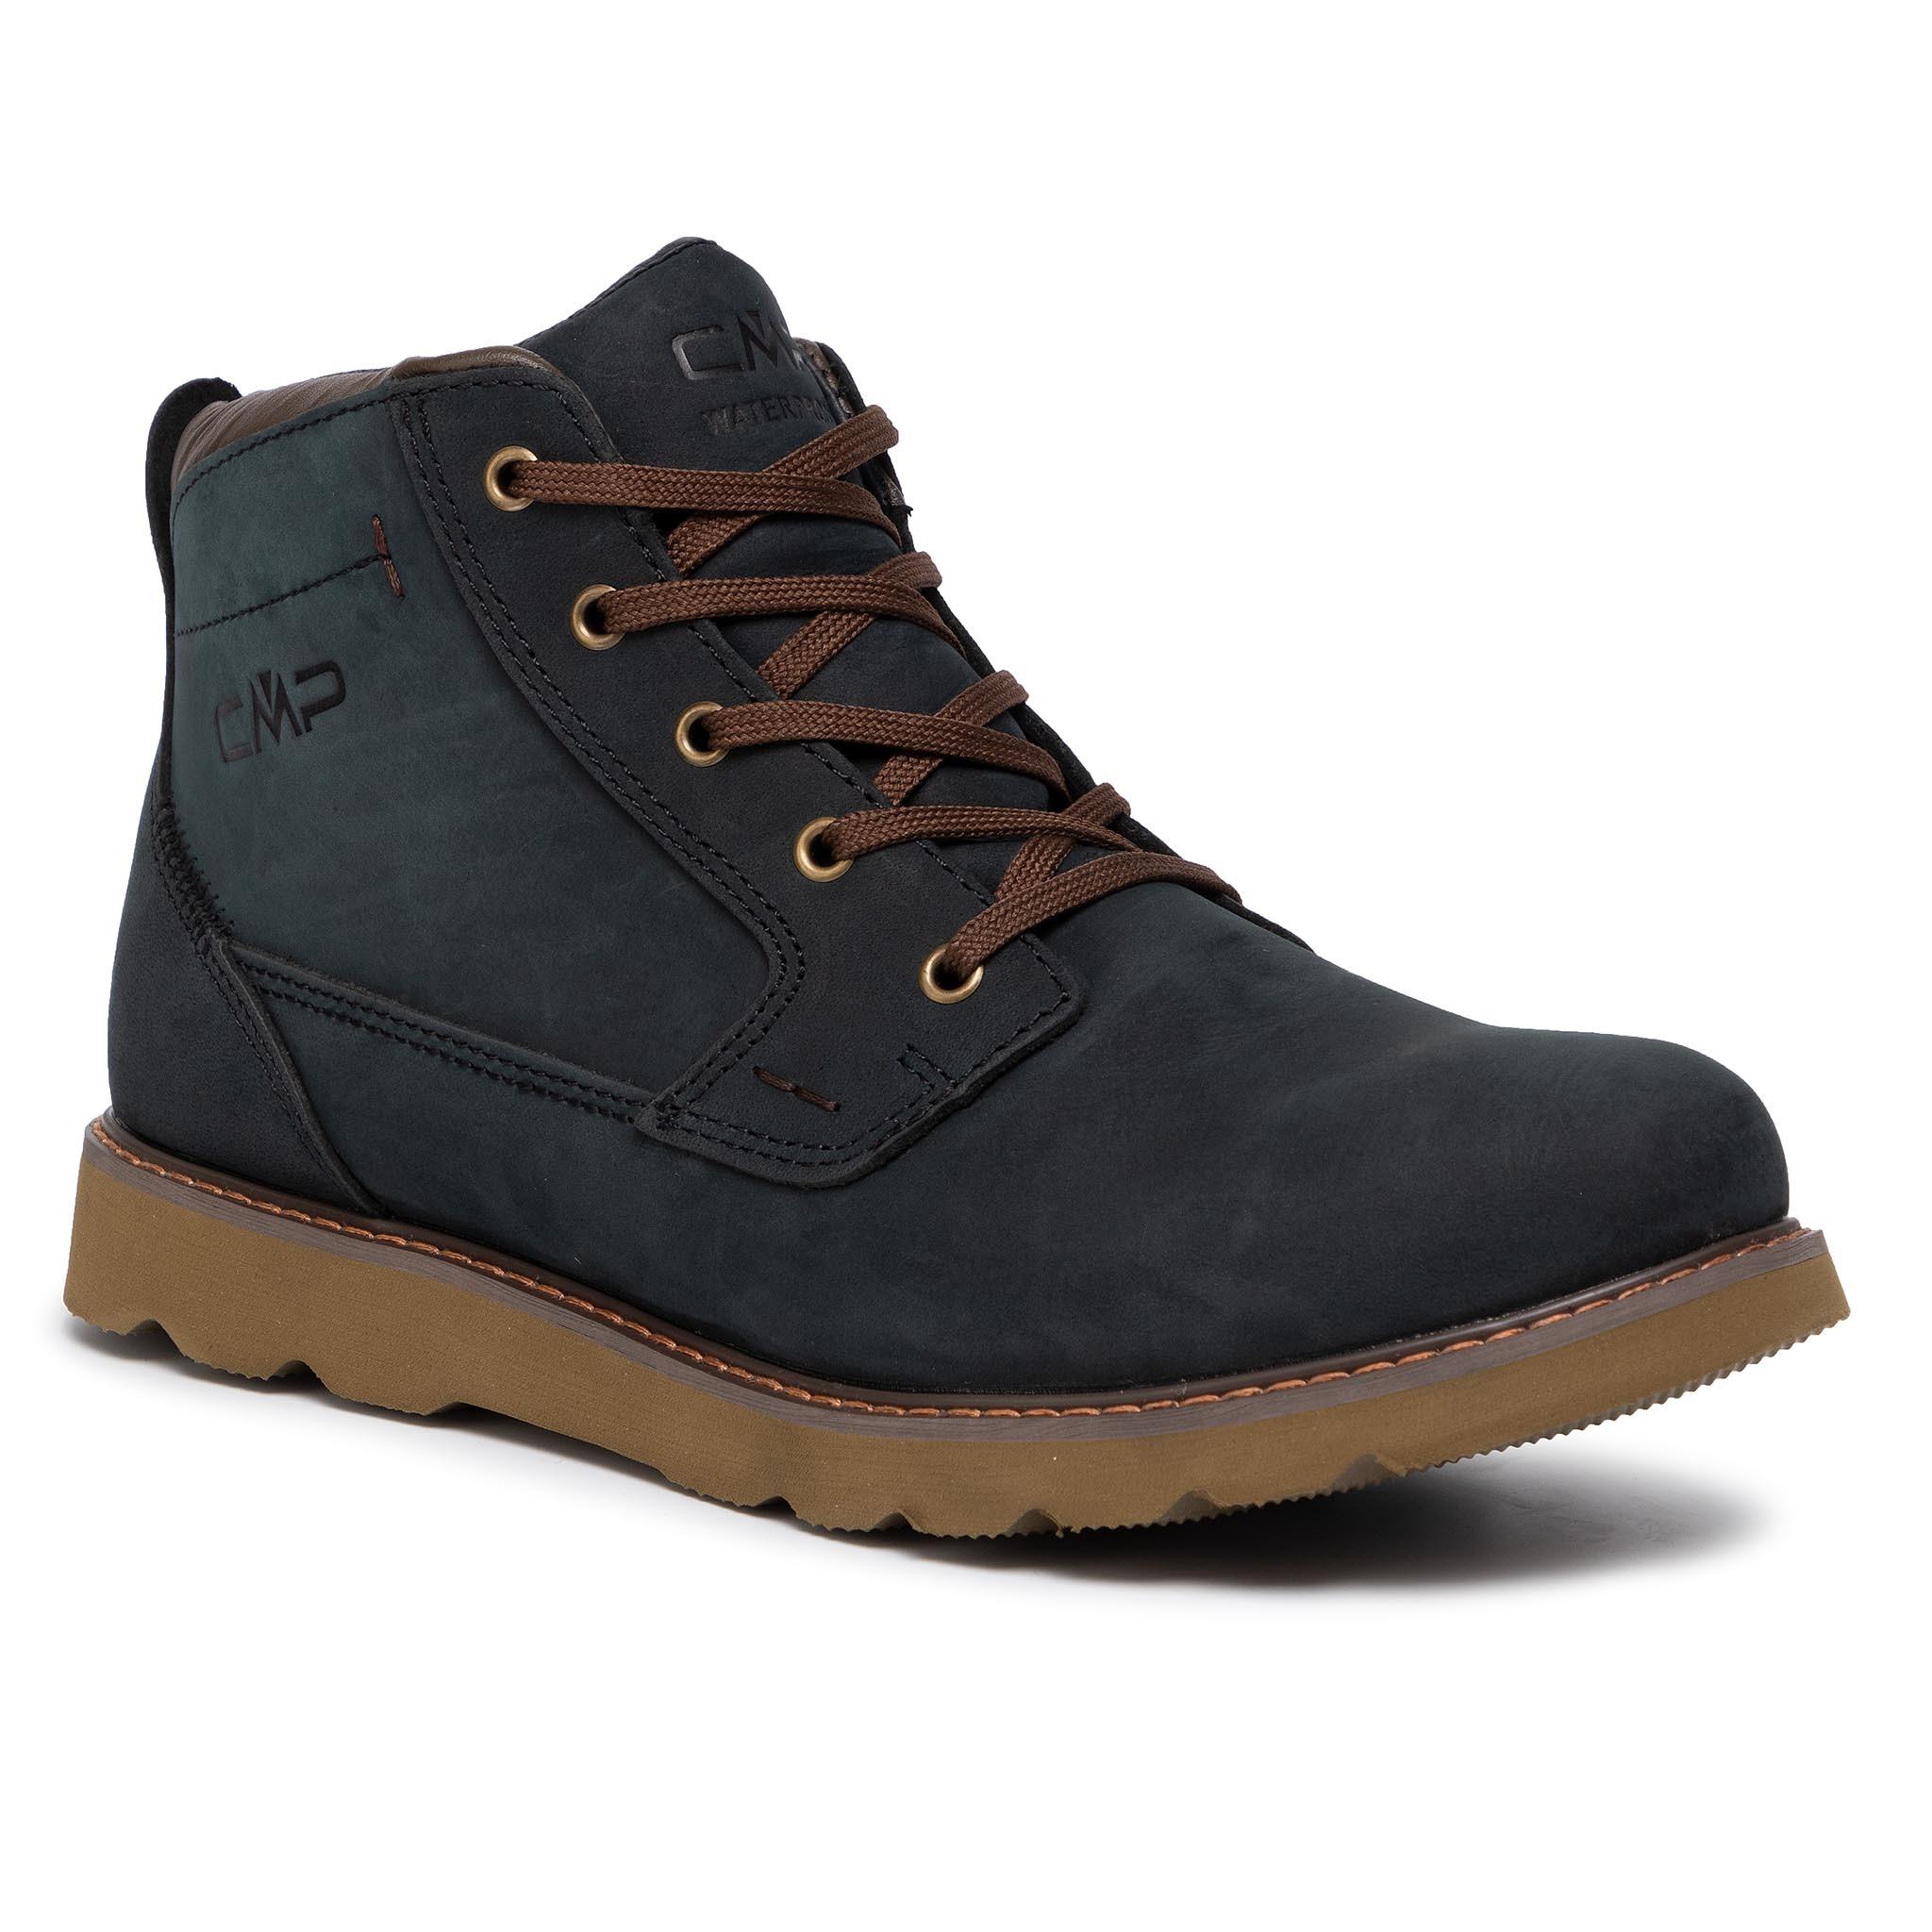 Ghete CMP - Hadir Lifestyle Shoe Wp 38Q4537 Antracite U423